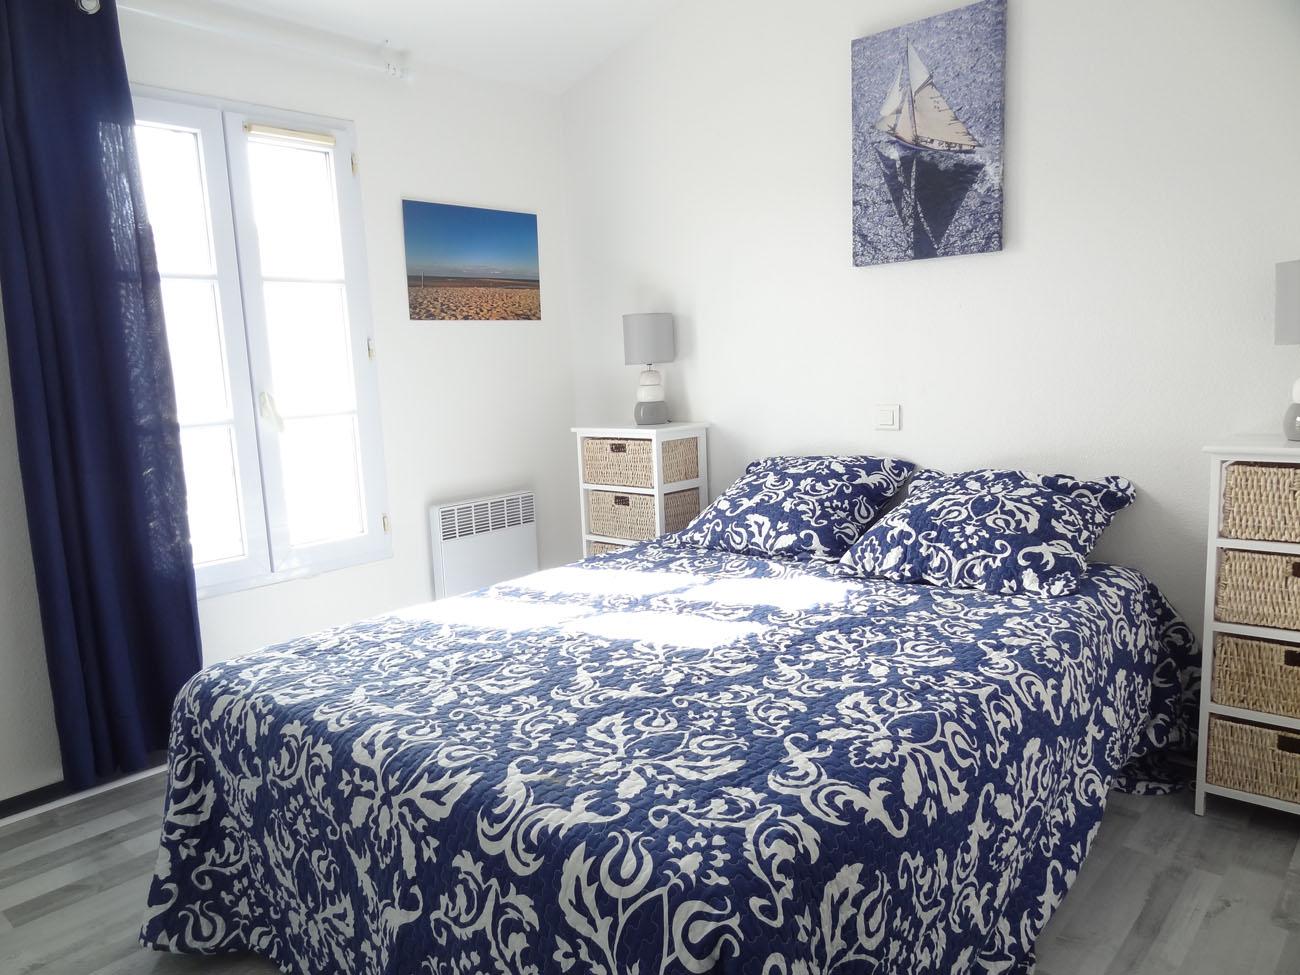 Location Appartement T3 Clapotis Ile de Ré - Chambre 1